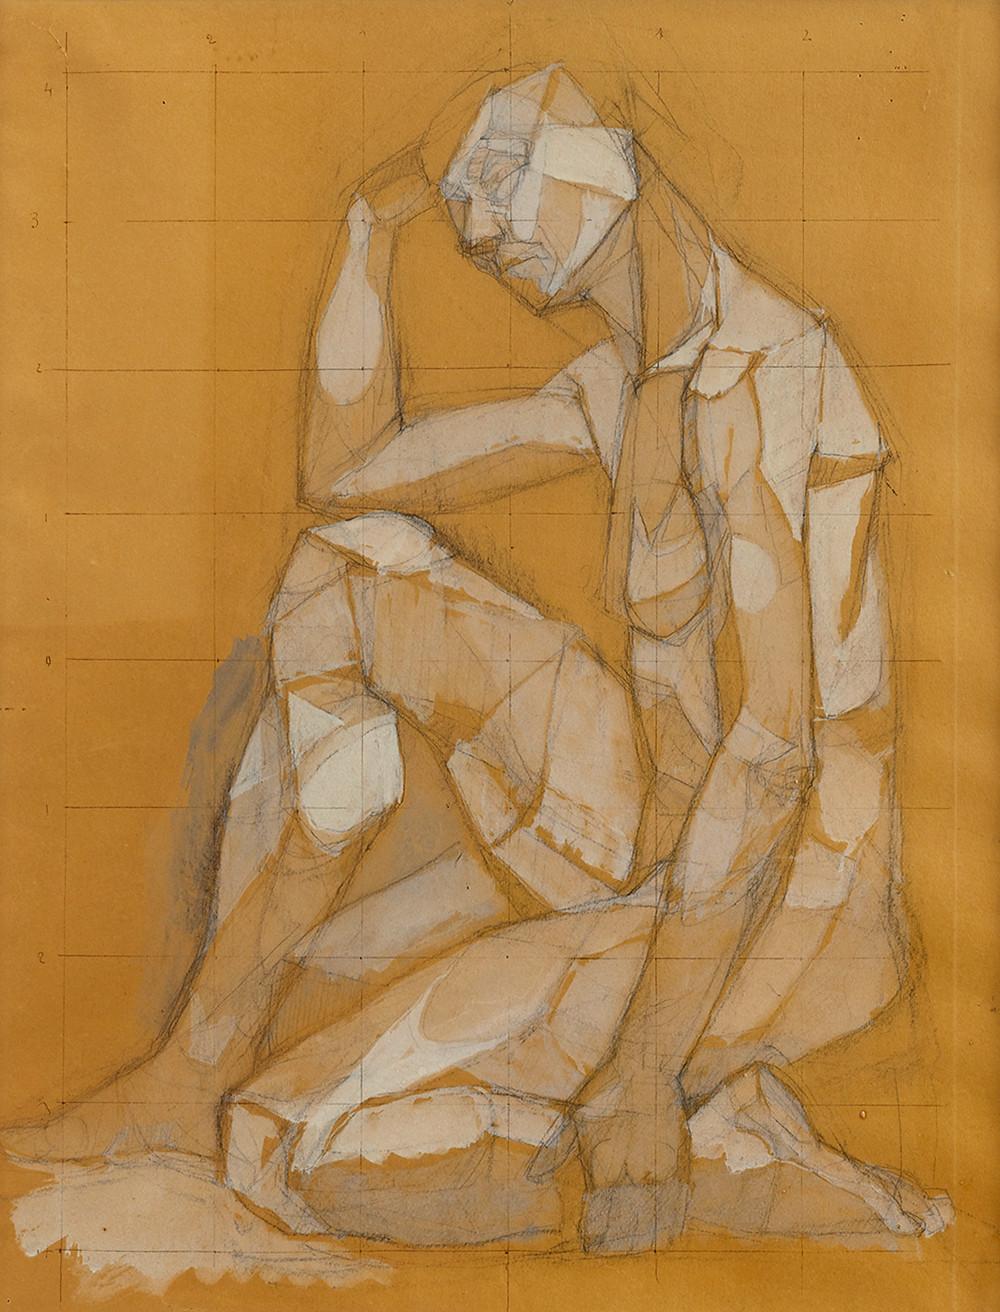 Dessin de l'artiste Bernard Réquichot qui représente un homme penseur